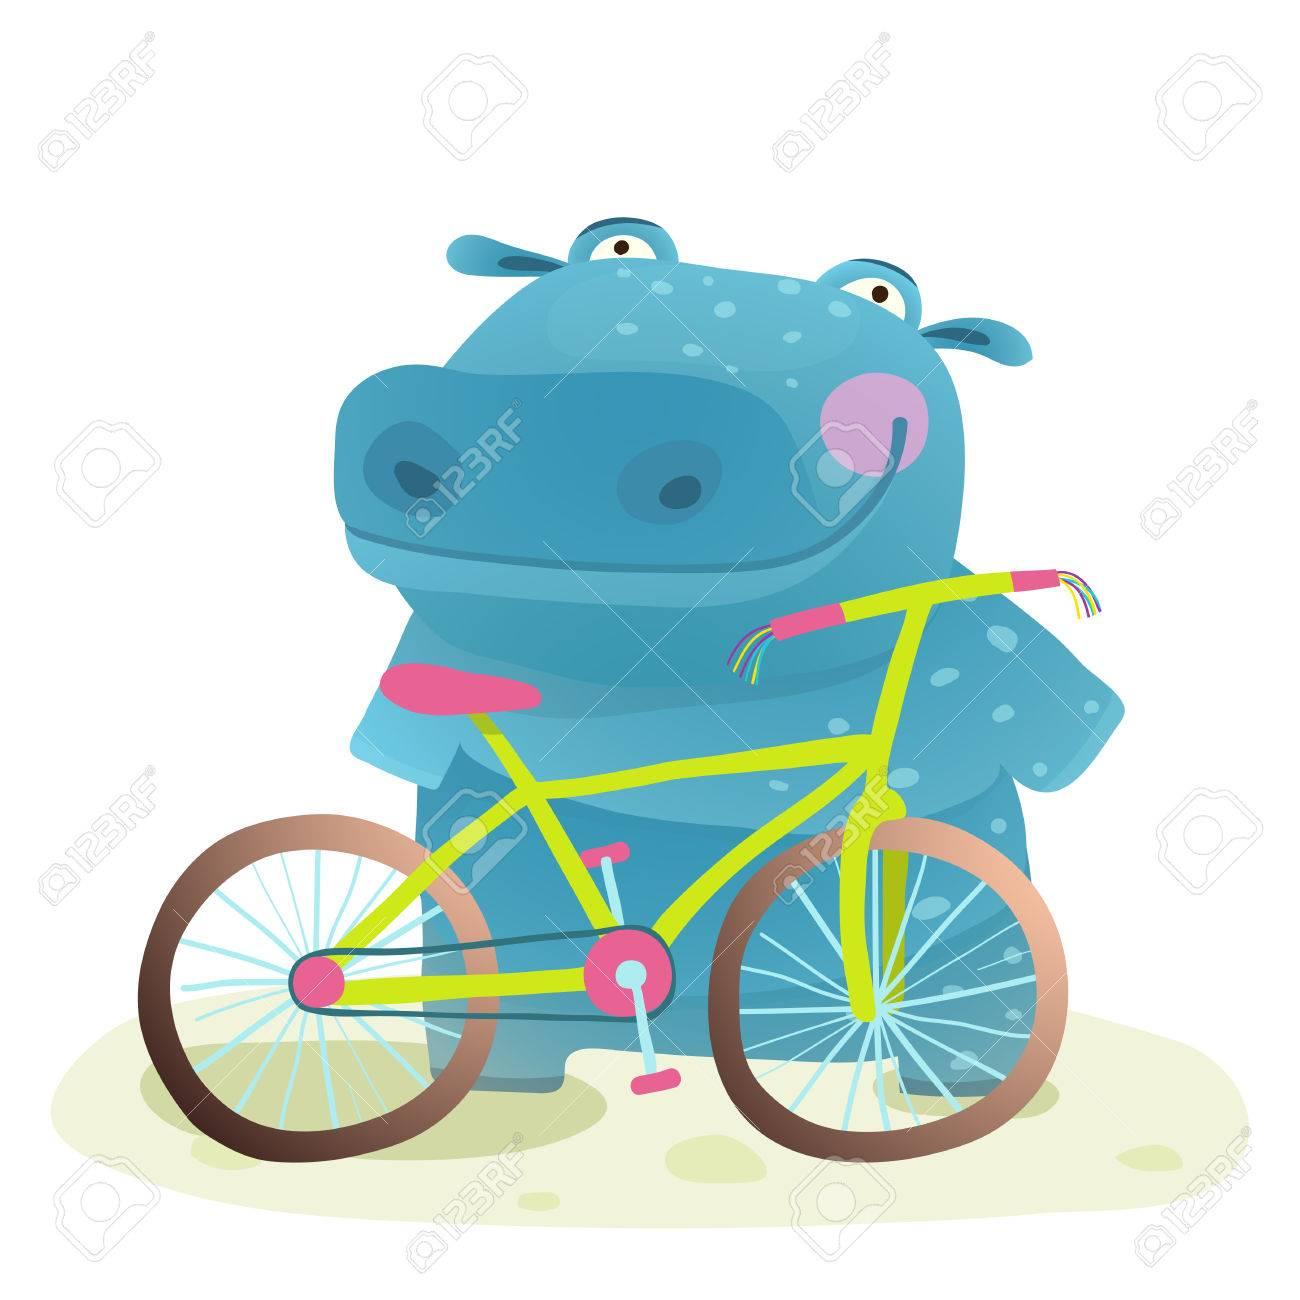 Con Haciendo Animal Salvaje Hipopótamo BicicletaDiversión Feliz La kOPX0nw8